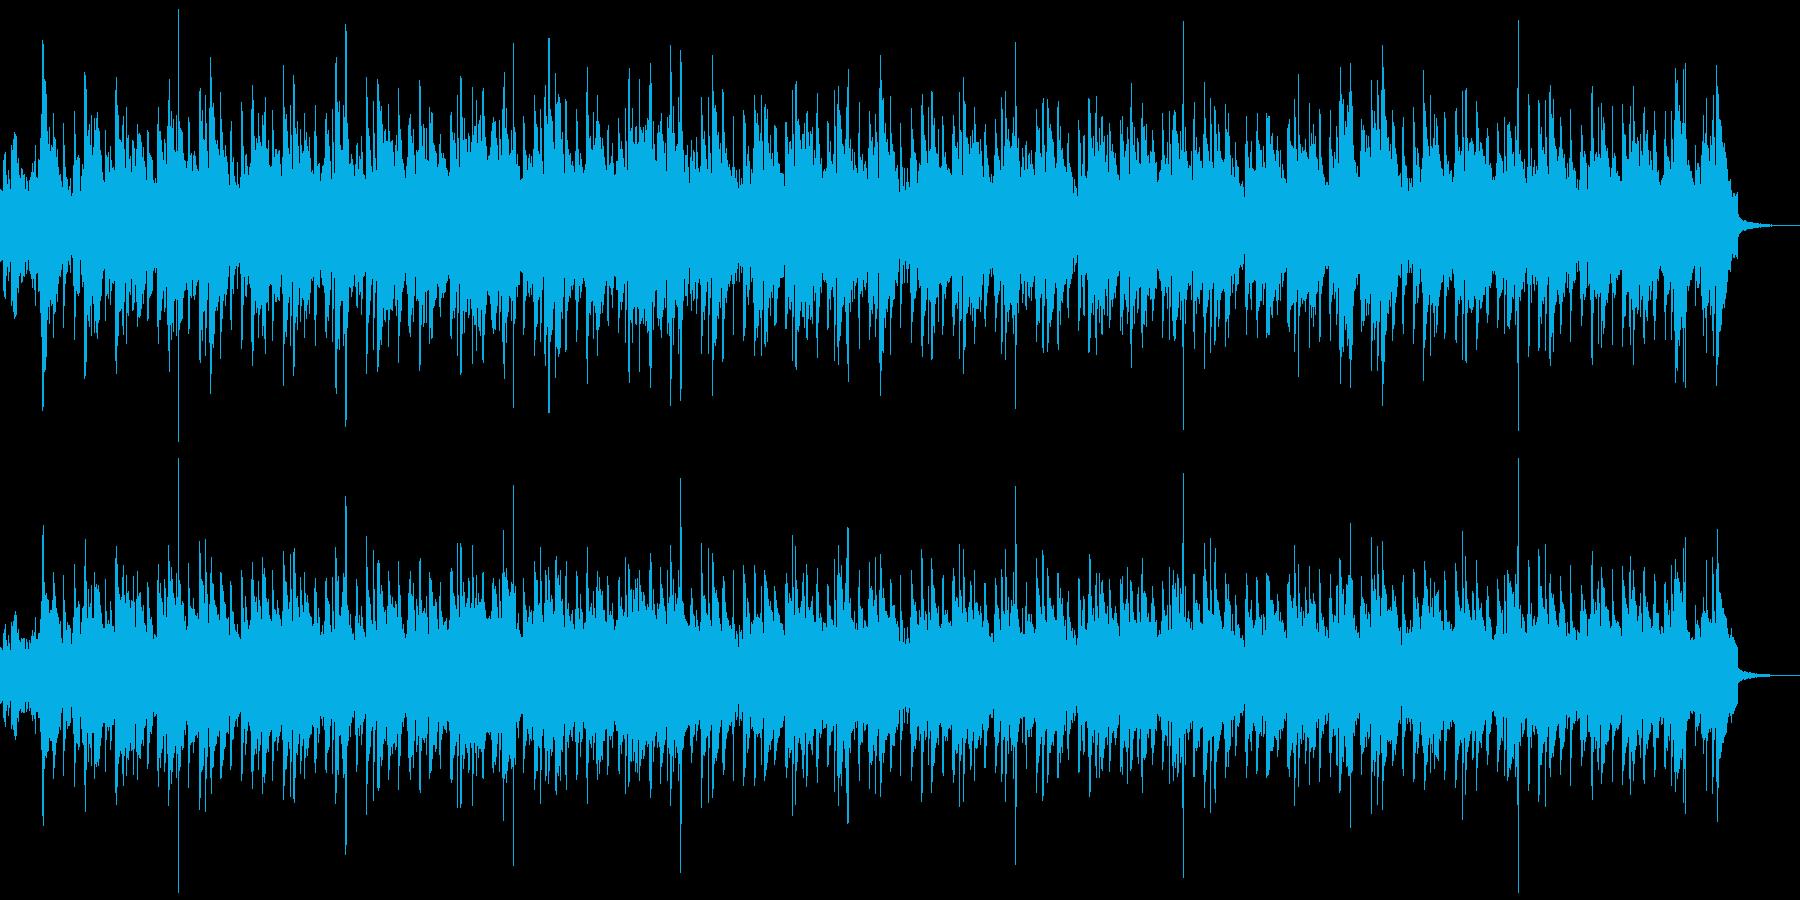 尺八と琴による独特な雰囲気の和風ジャズの再生済みの波形